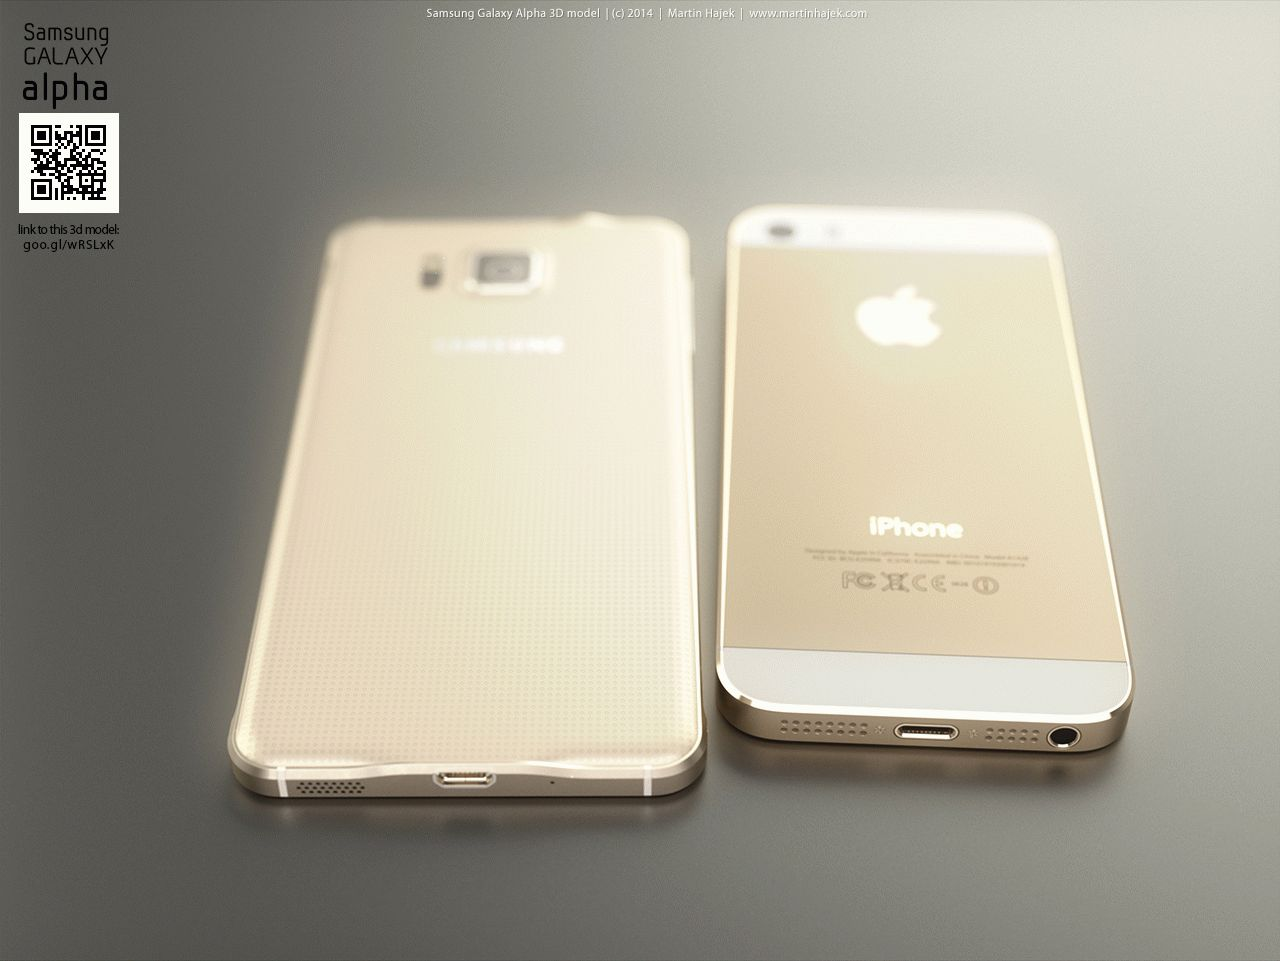 kak-daleko-samsung-zashla-v-kopirovanii-apple-galaxy-alpha-protiv-iphone--------